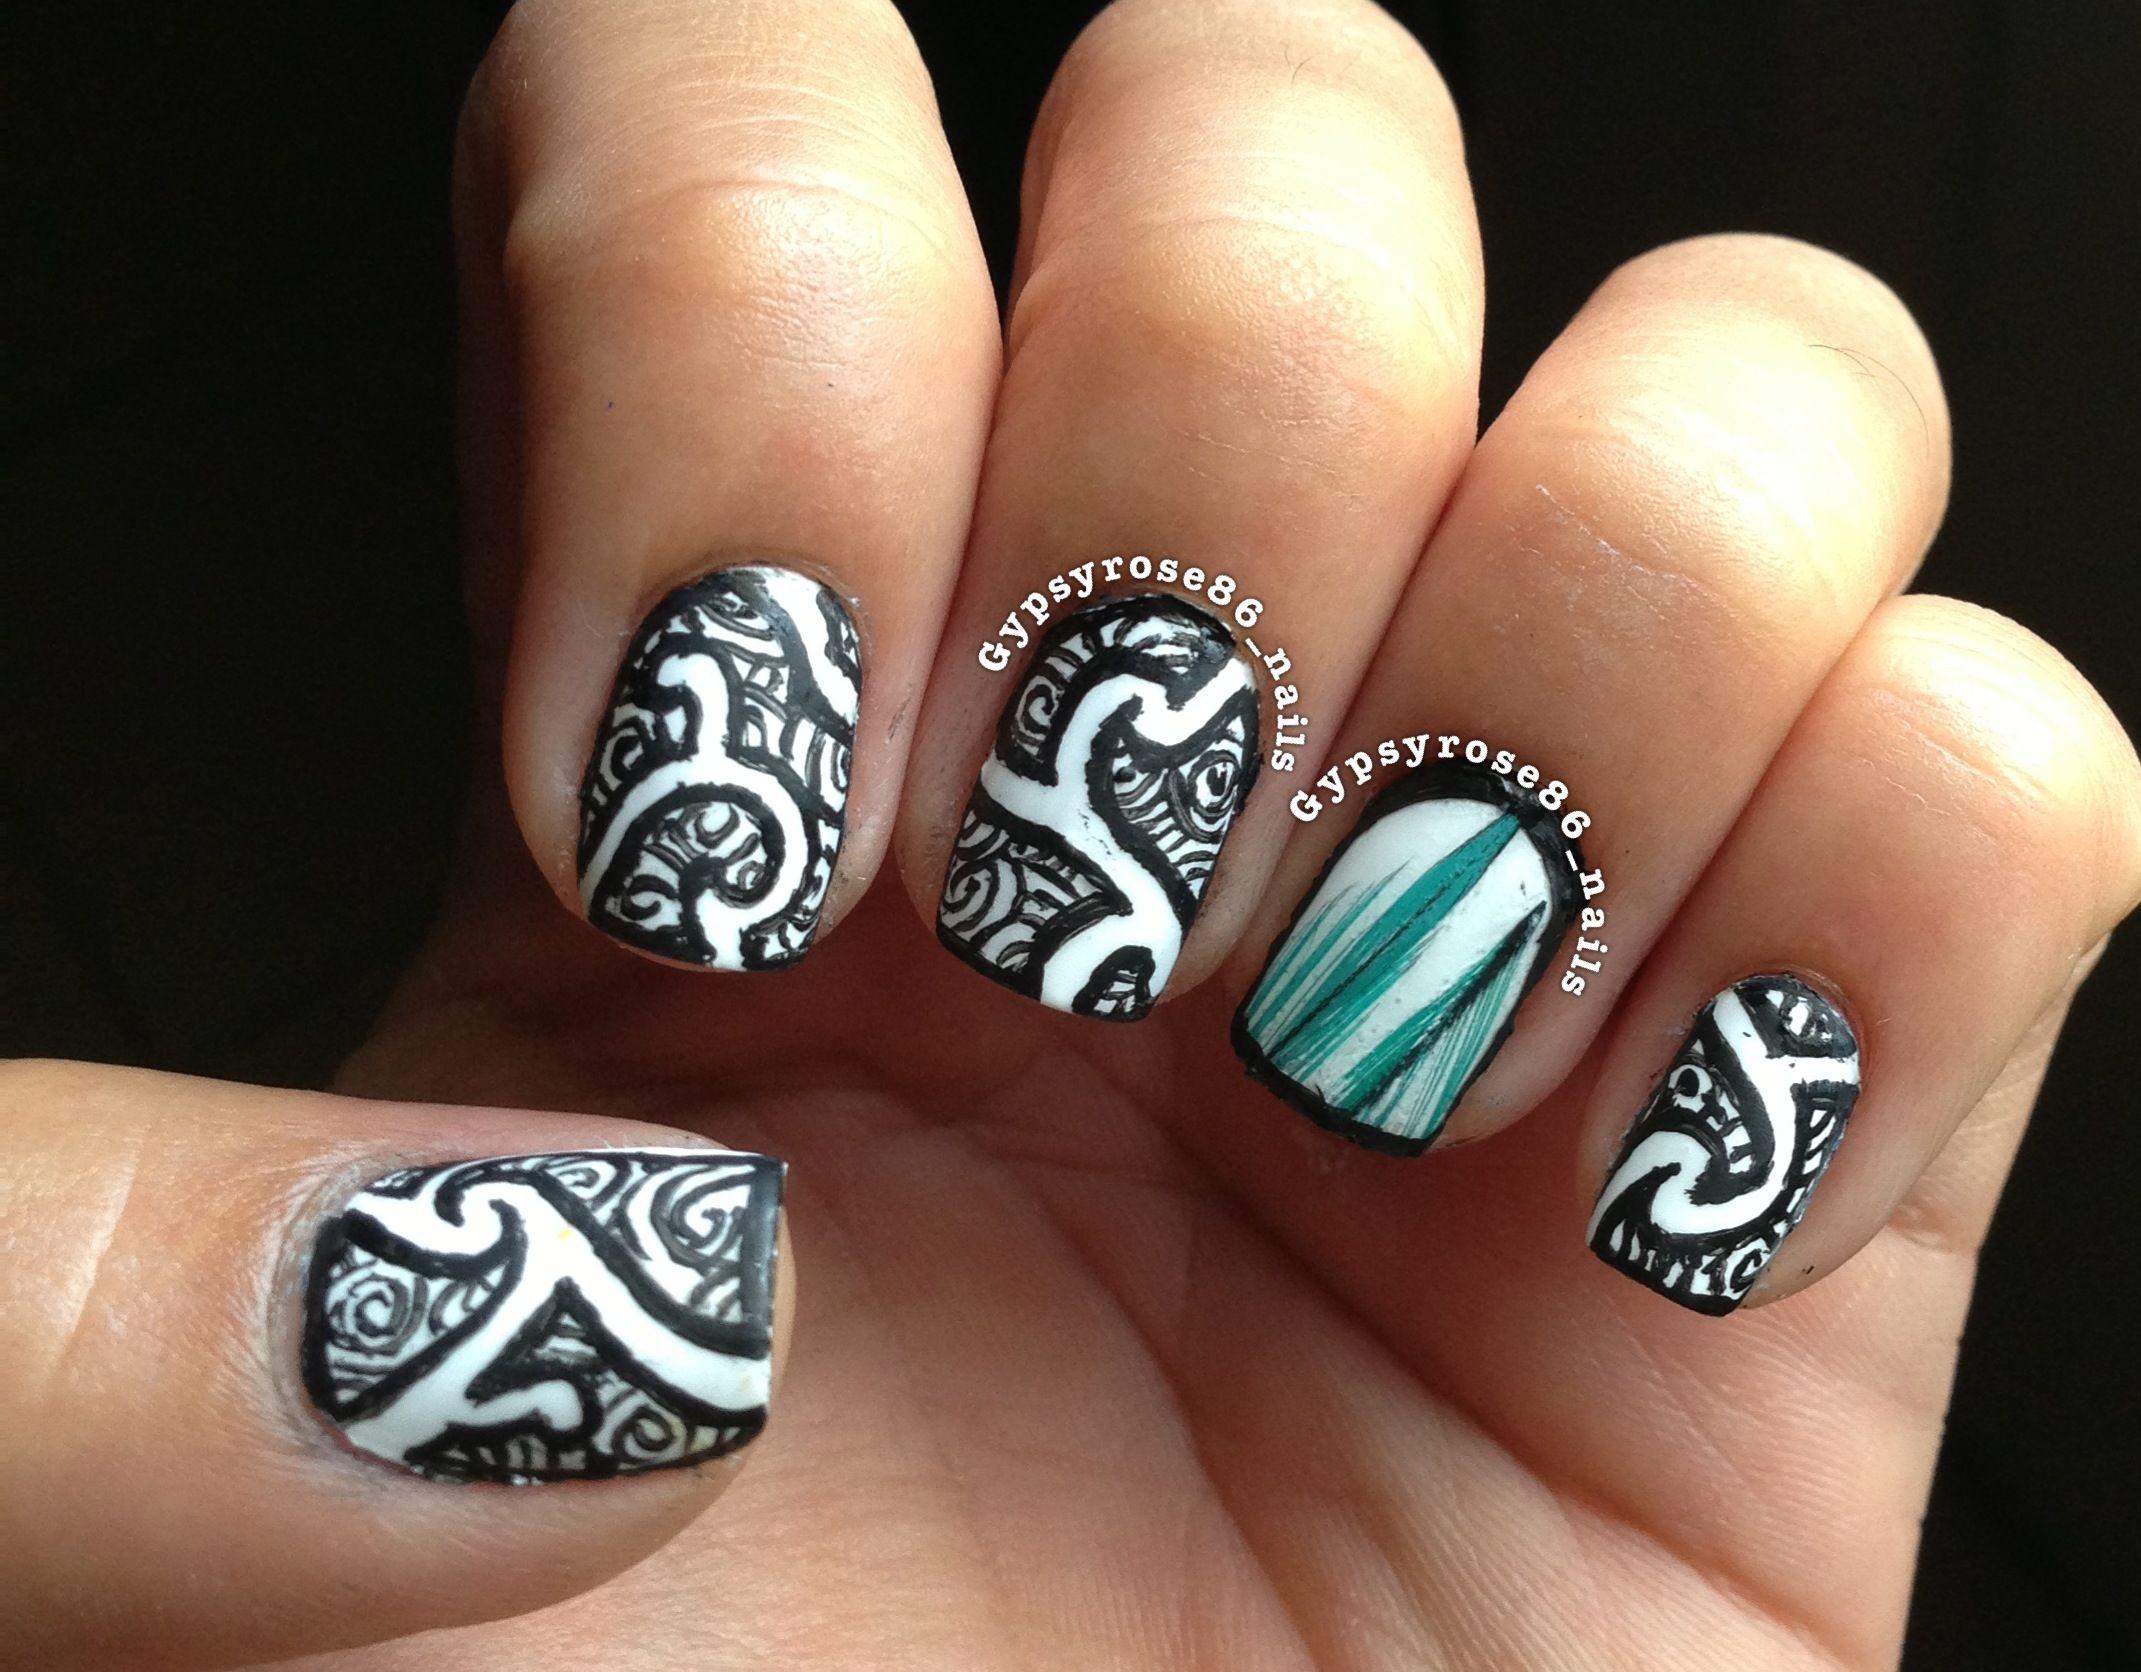 Maori inspired nails nail art